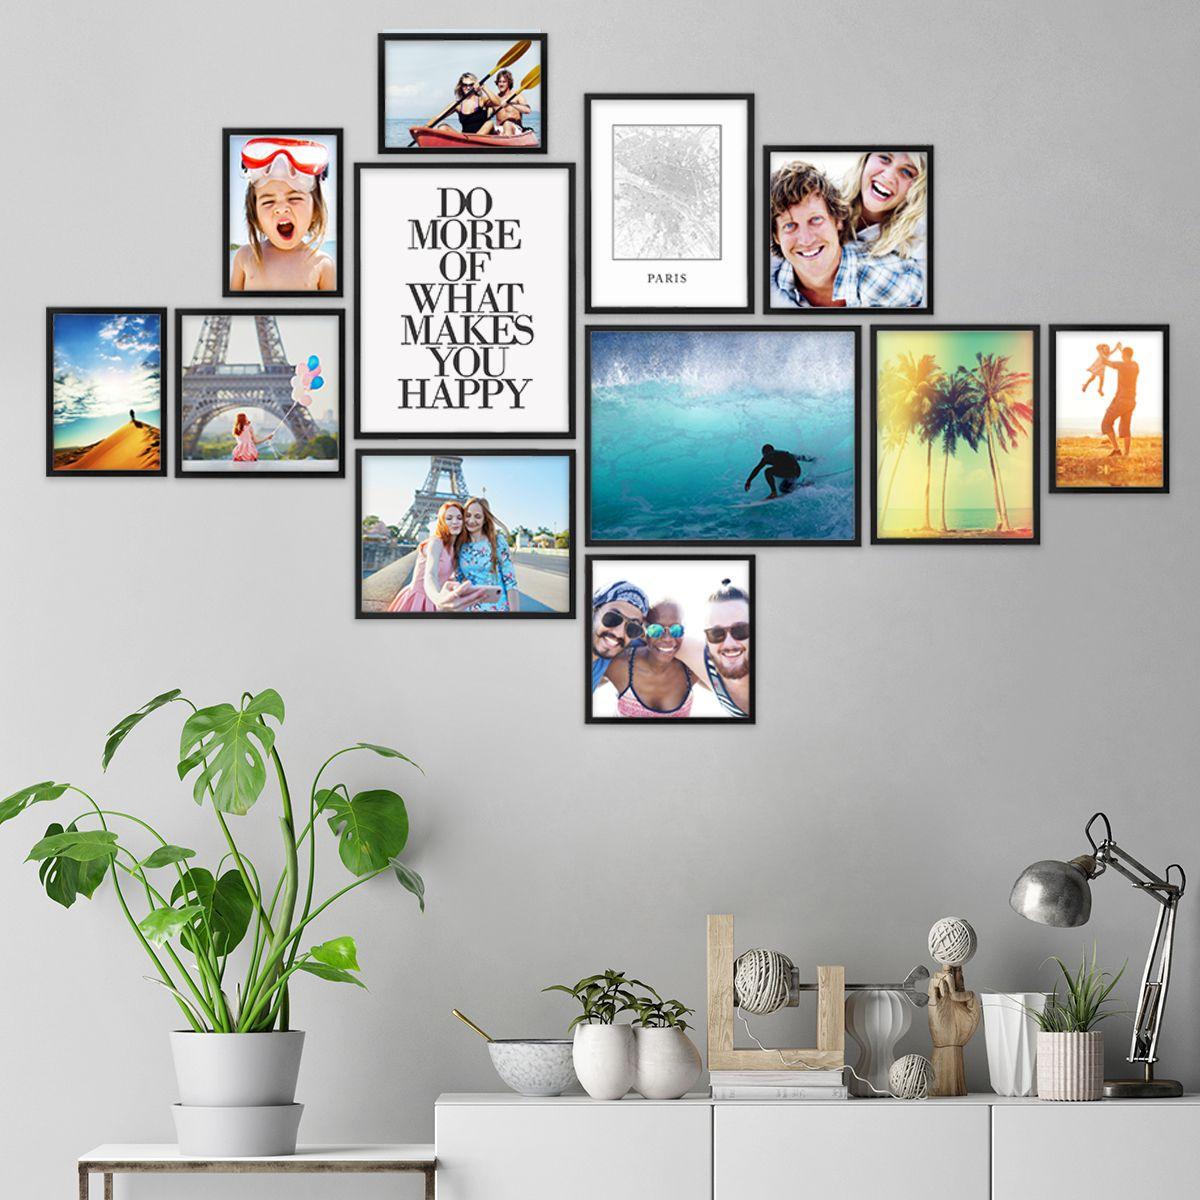 Wohnzimmerwand Mit Brauner Farbe Gestalten: Bilderwände Haben Einen Ganz Besonderen Charme Und